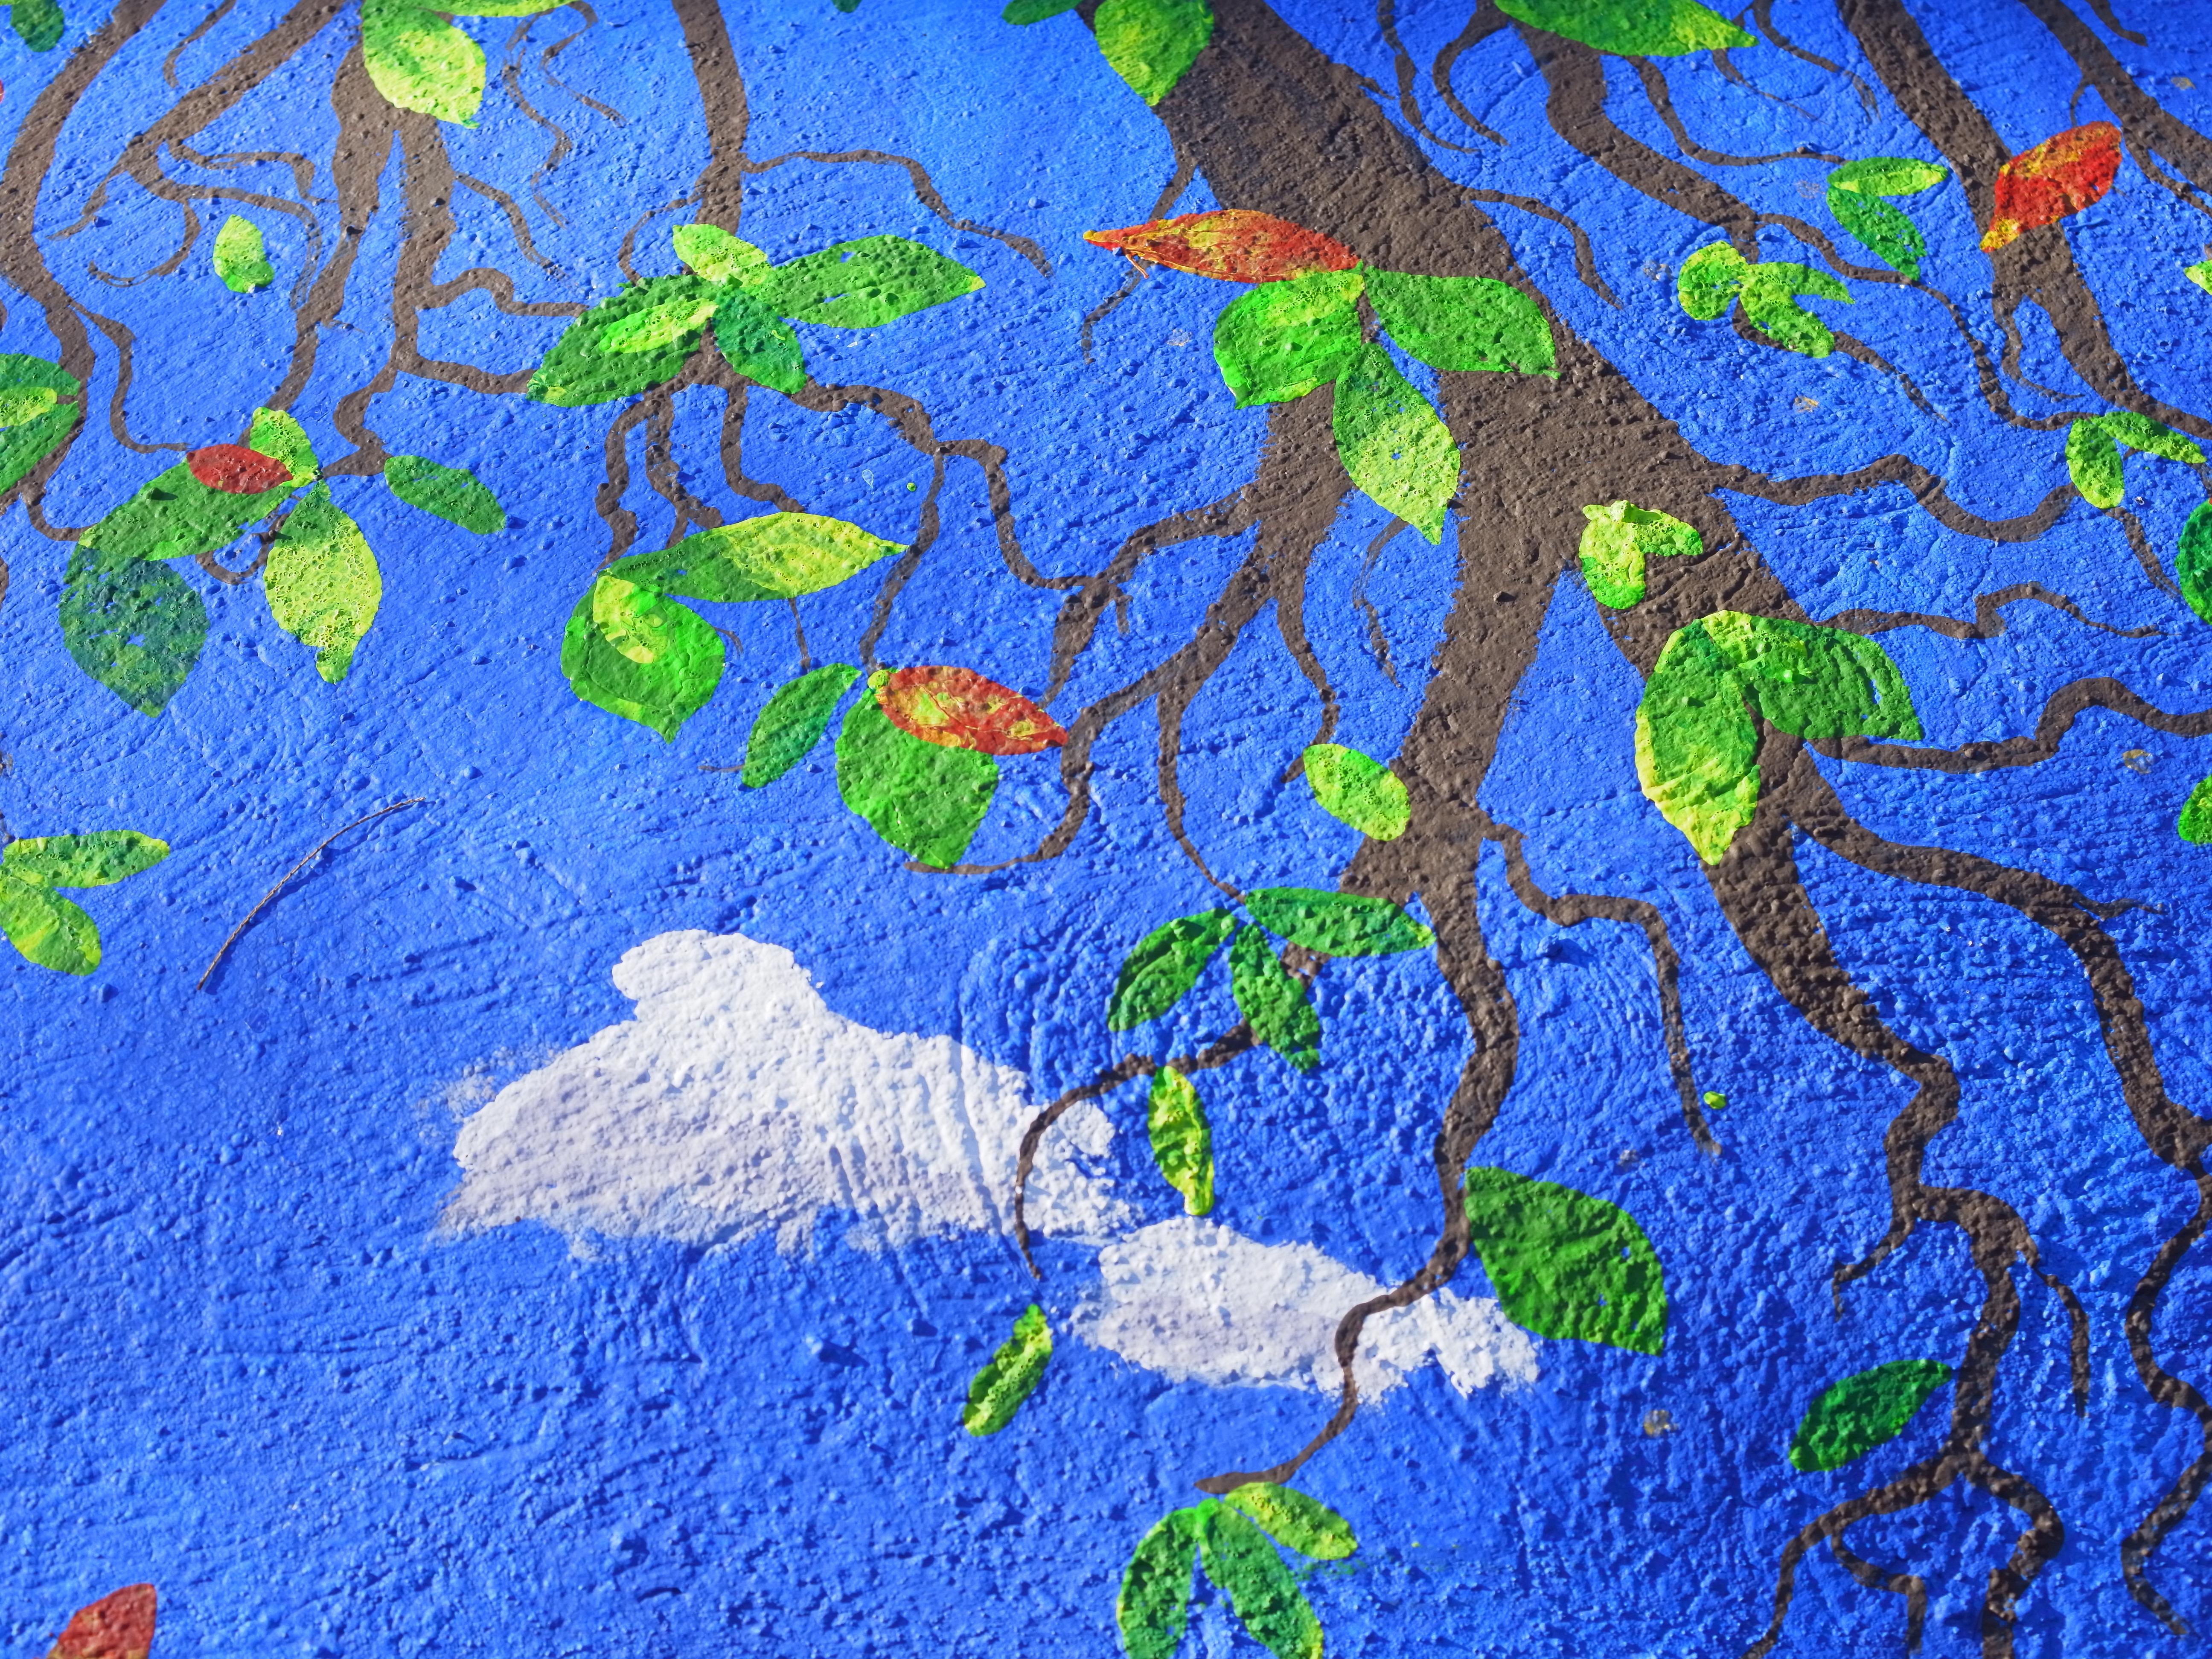 Tree shows all seasons